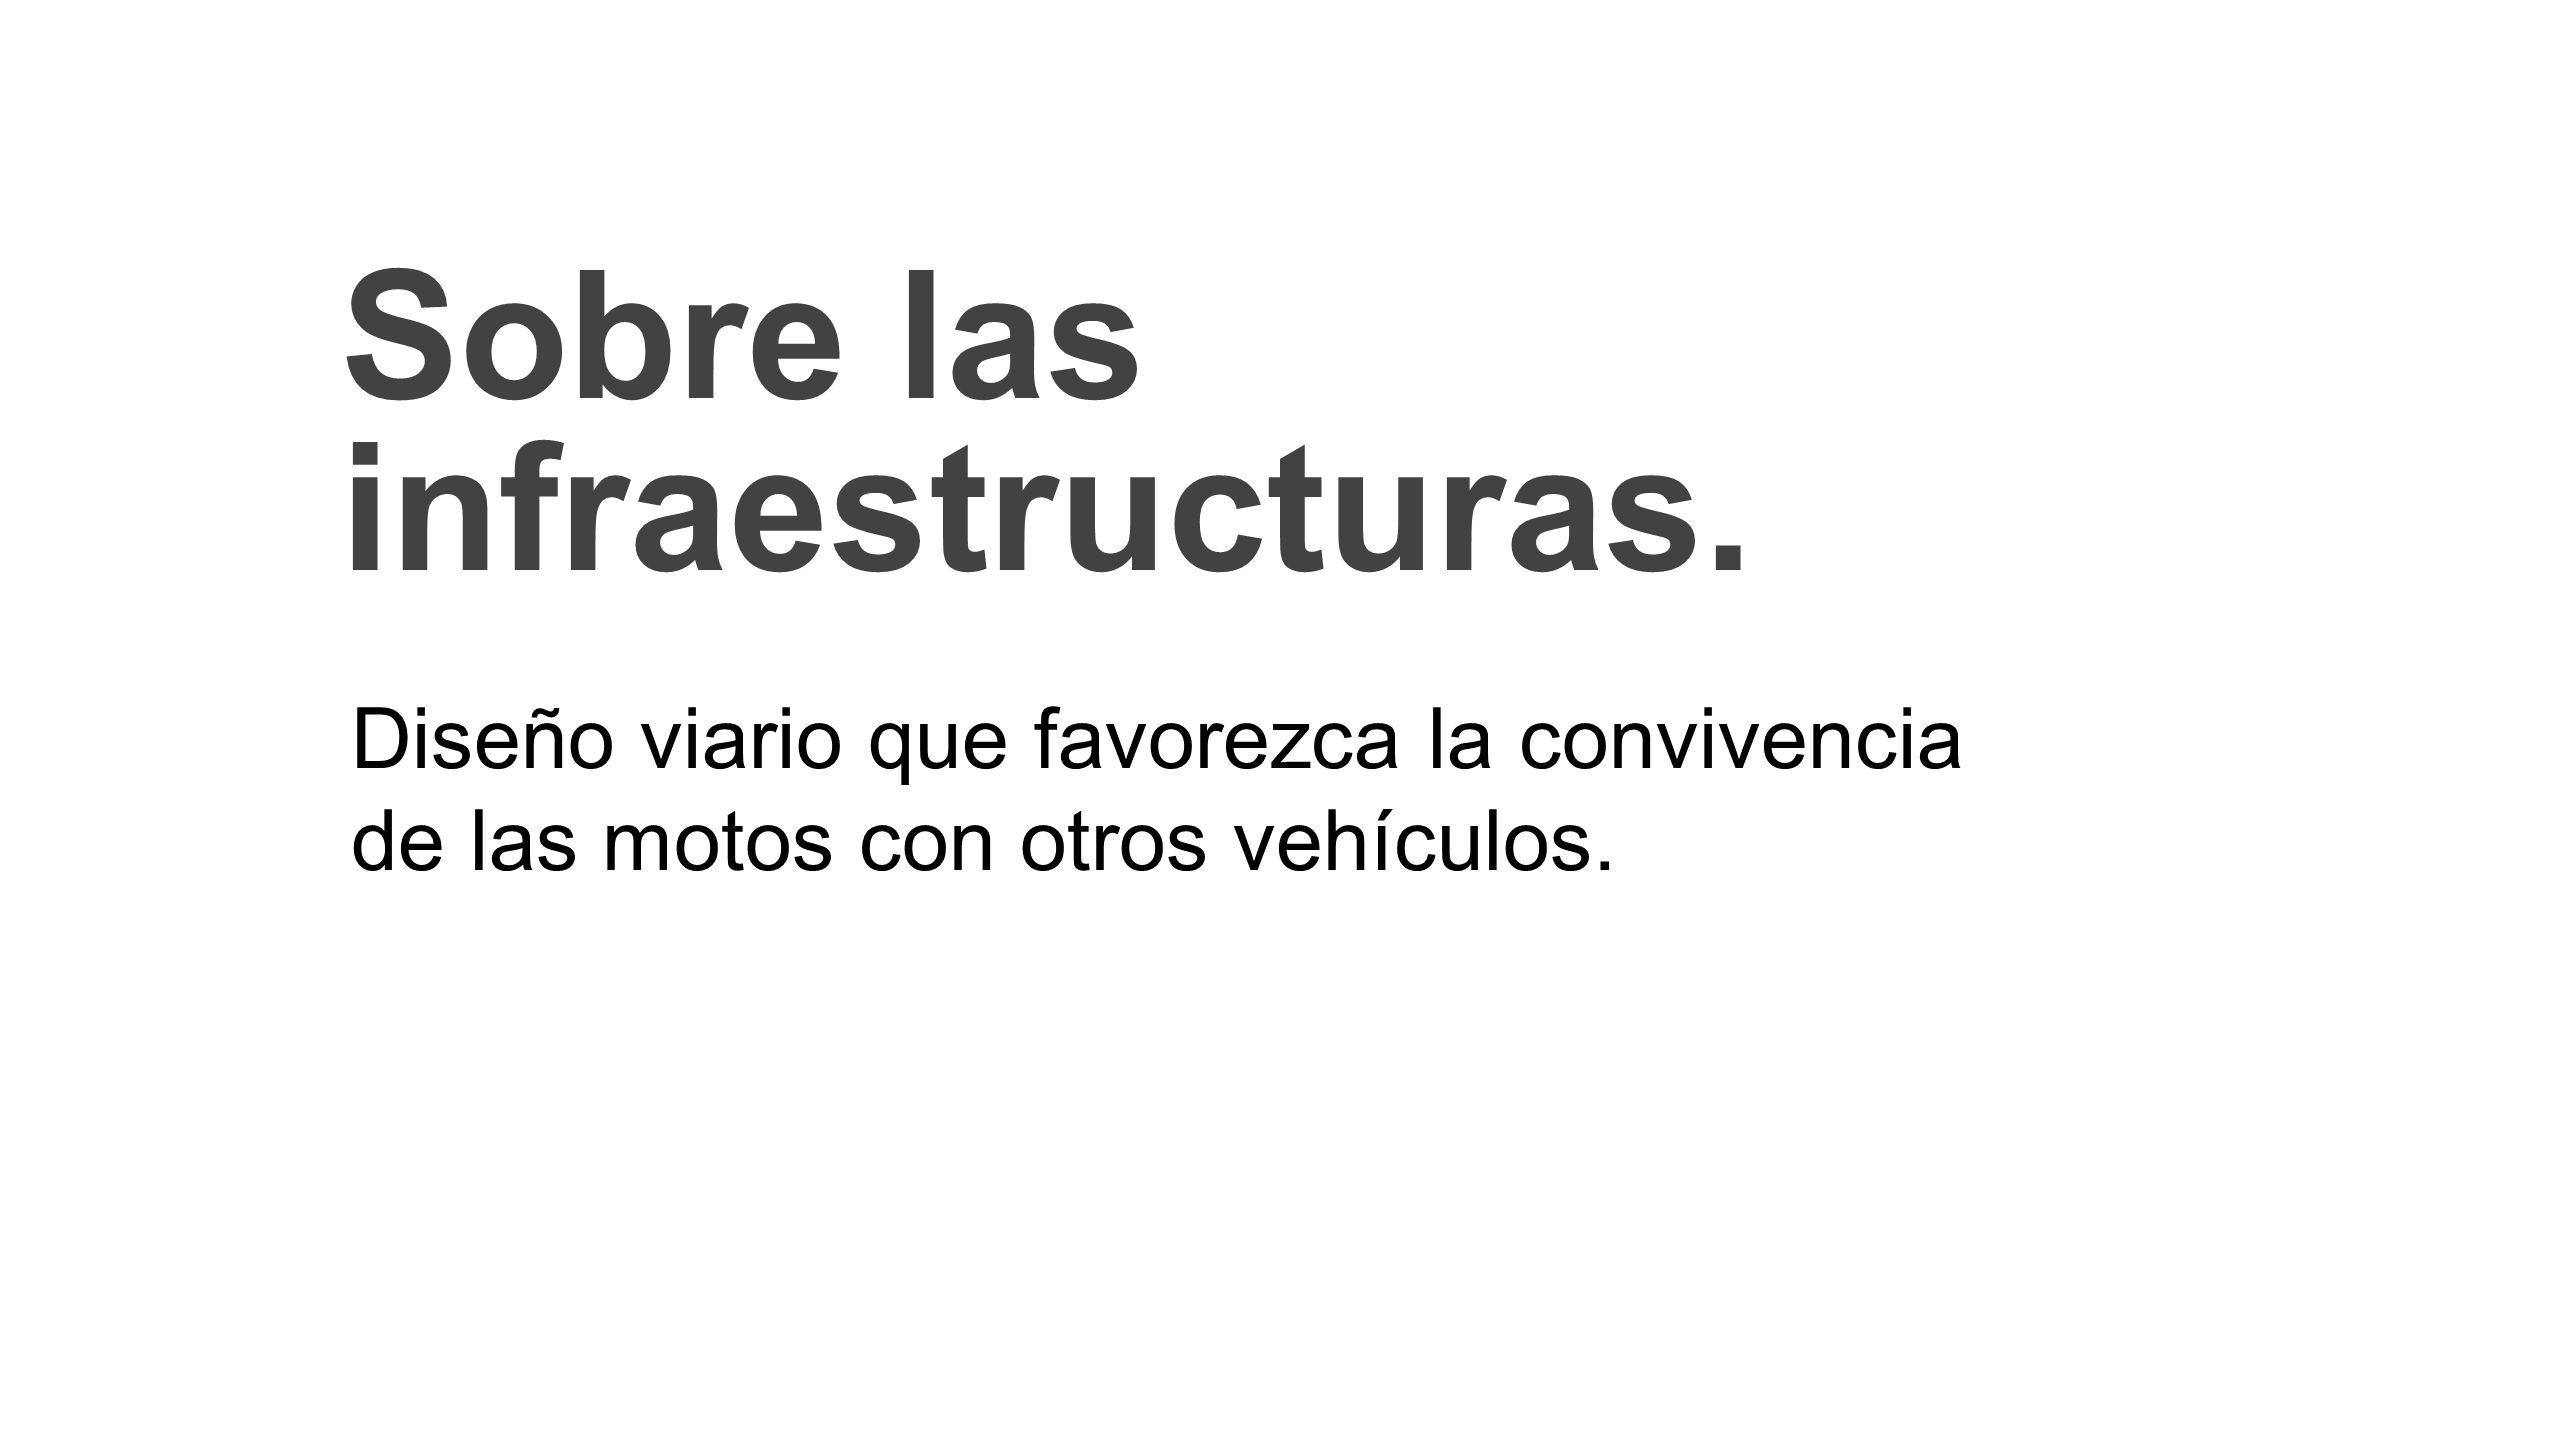 Sobre las infraestructuras.